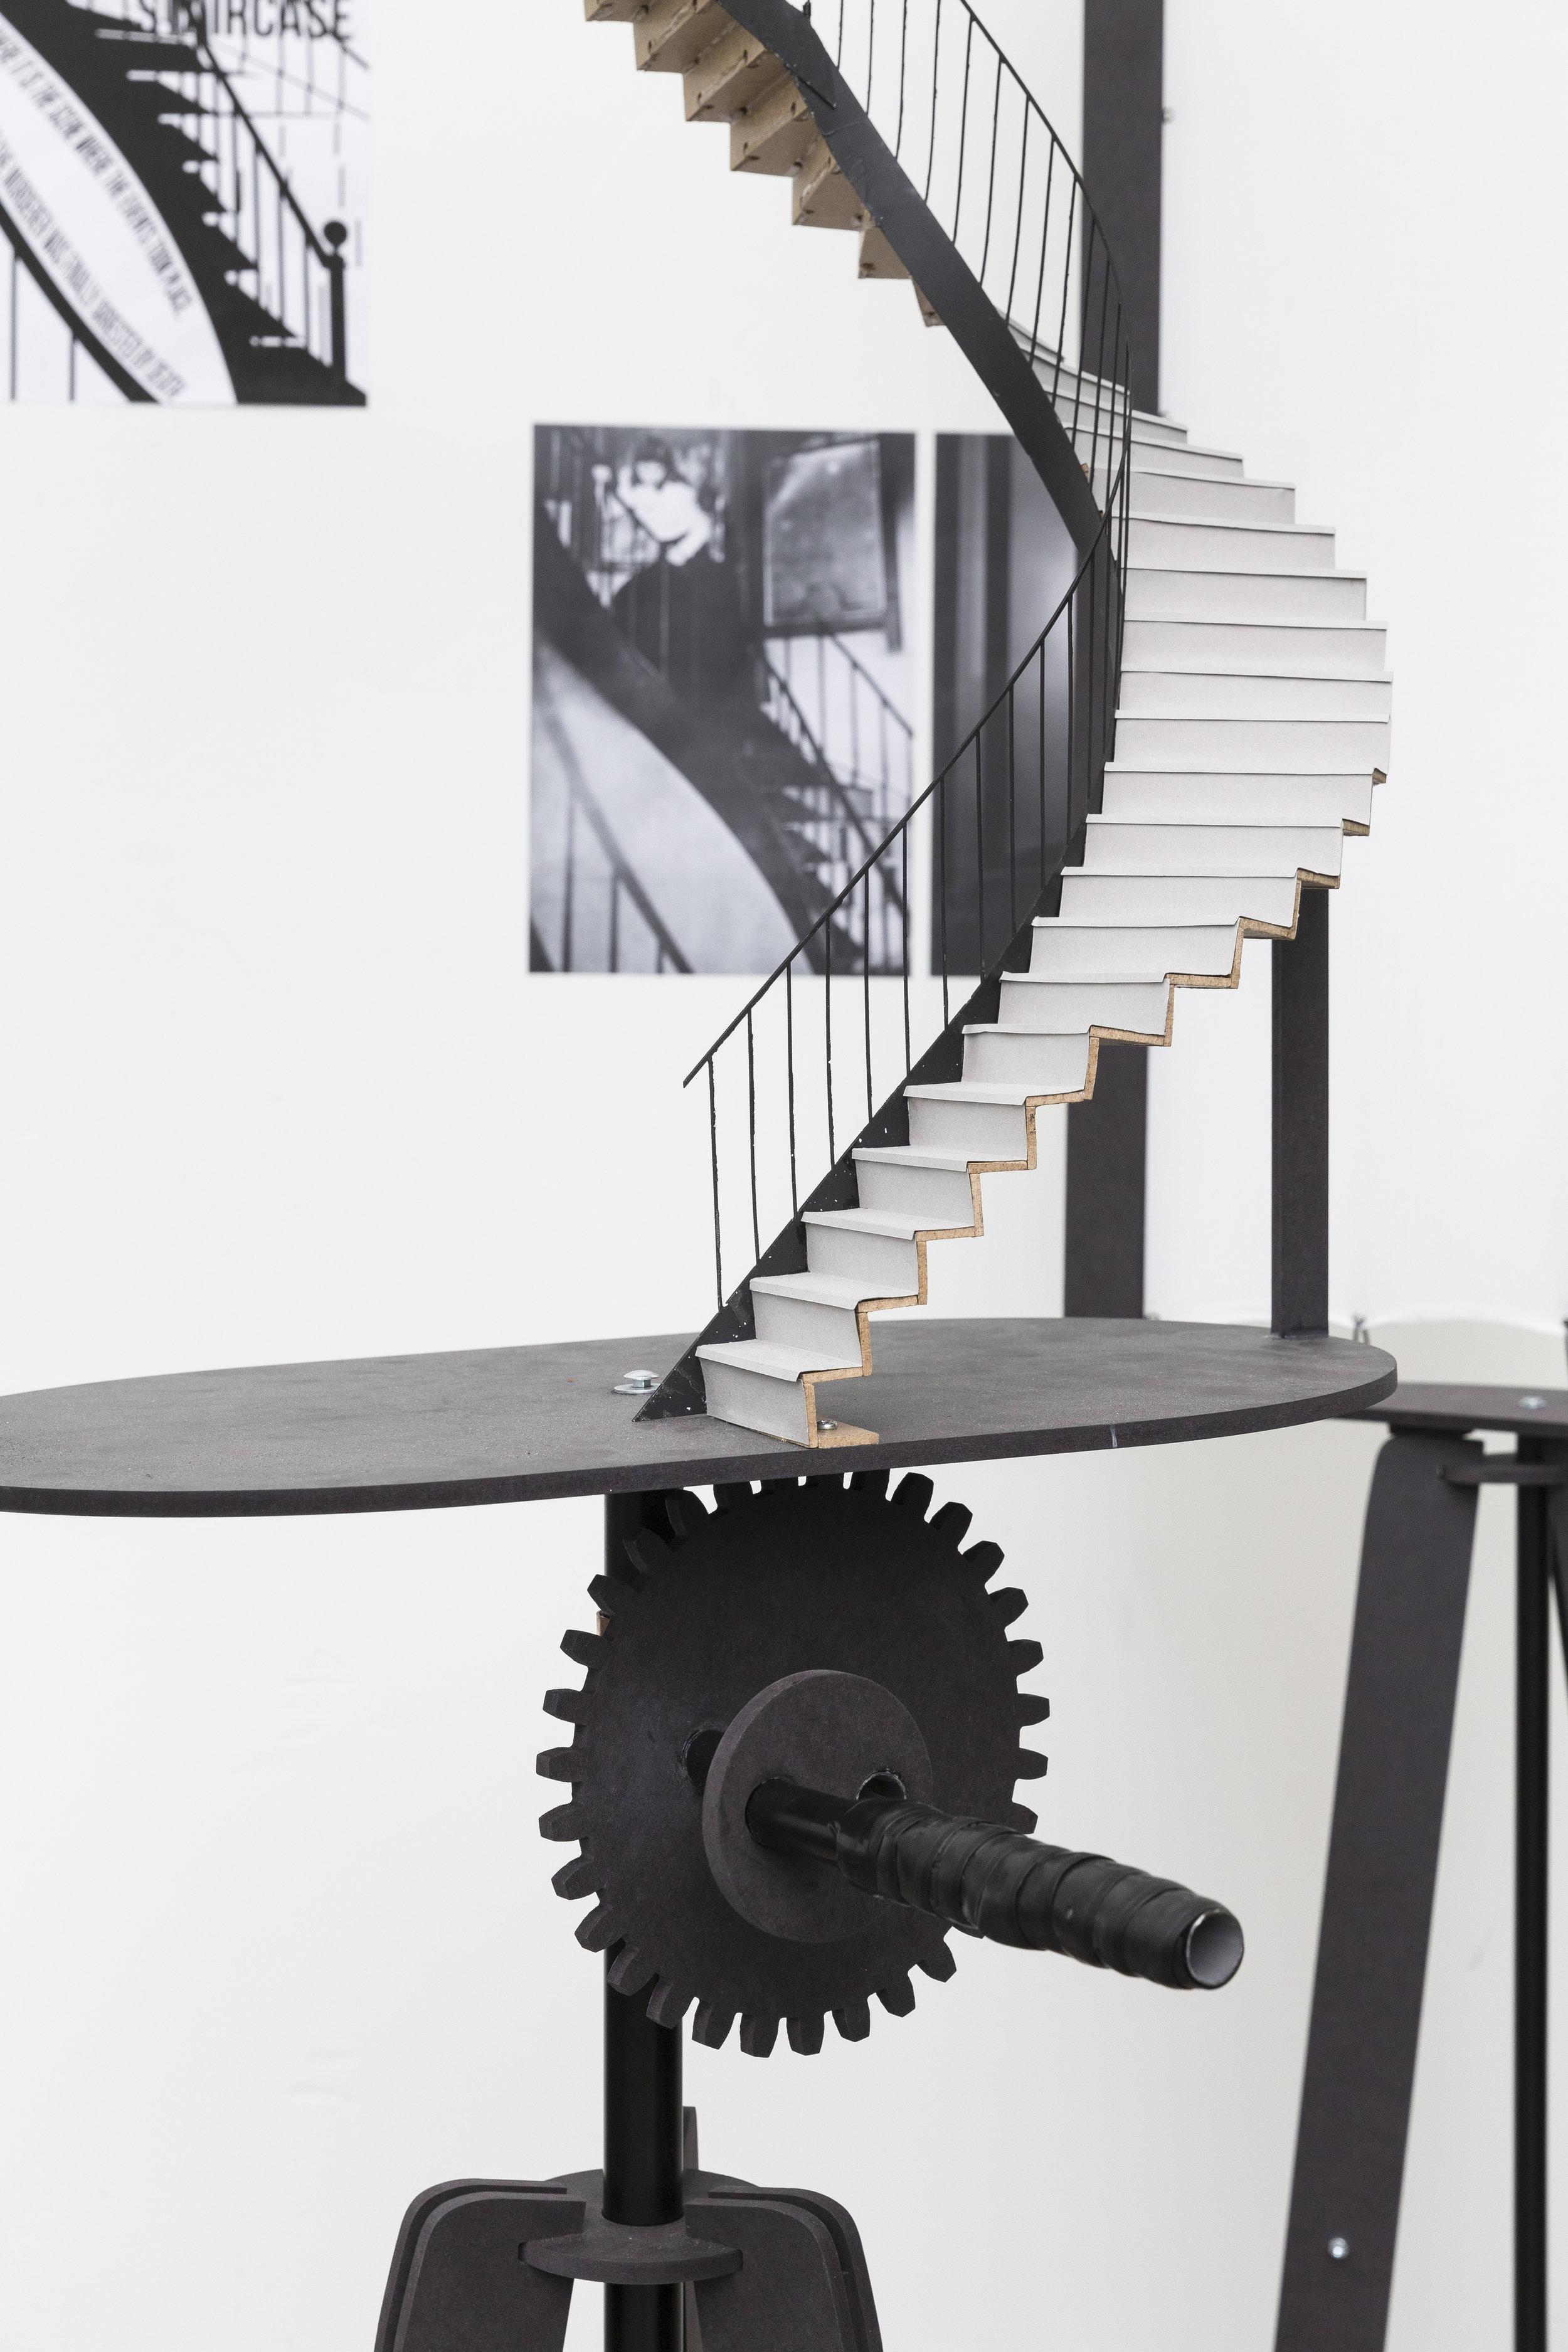 Projet  Scene de menage outils de la vie domestique.Machines a voir; Atelier de Youri Kravchenko; Projet d' Estelle Beroujon et Camille Berra.jpg